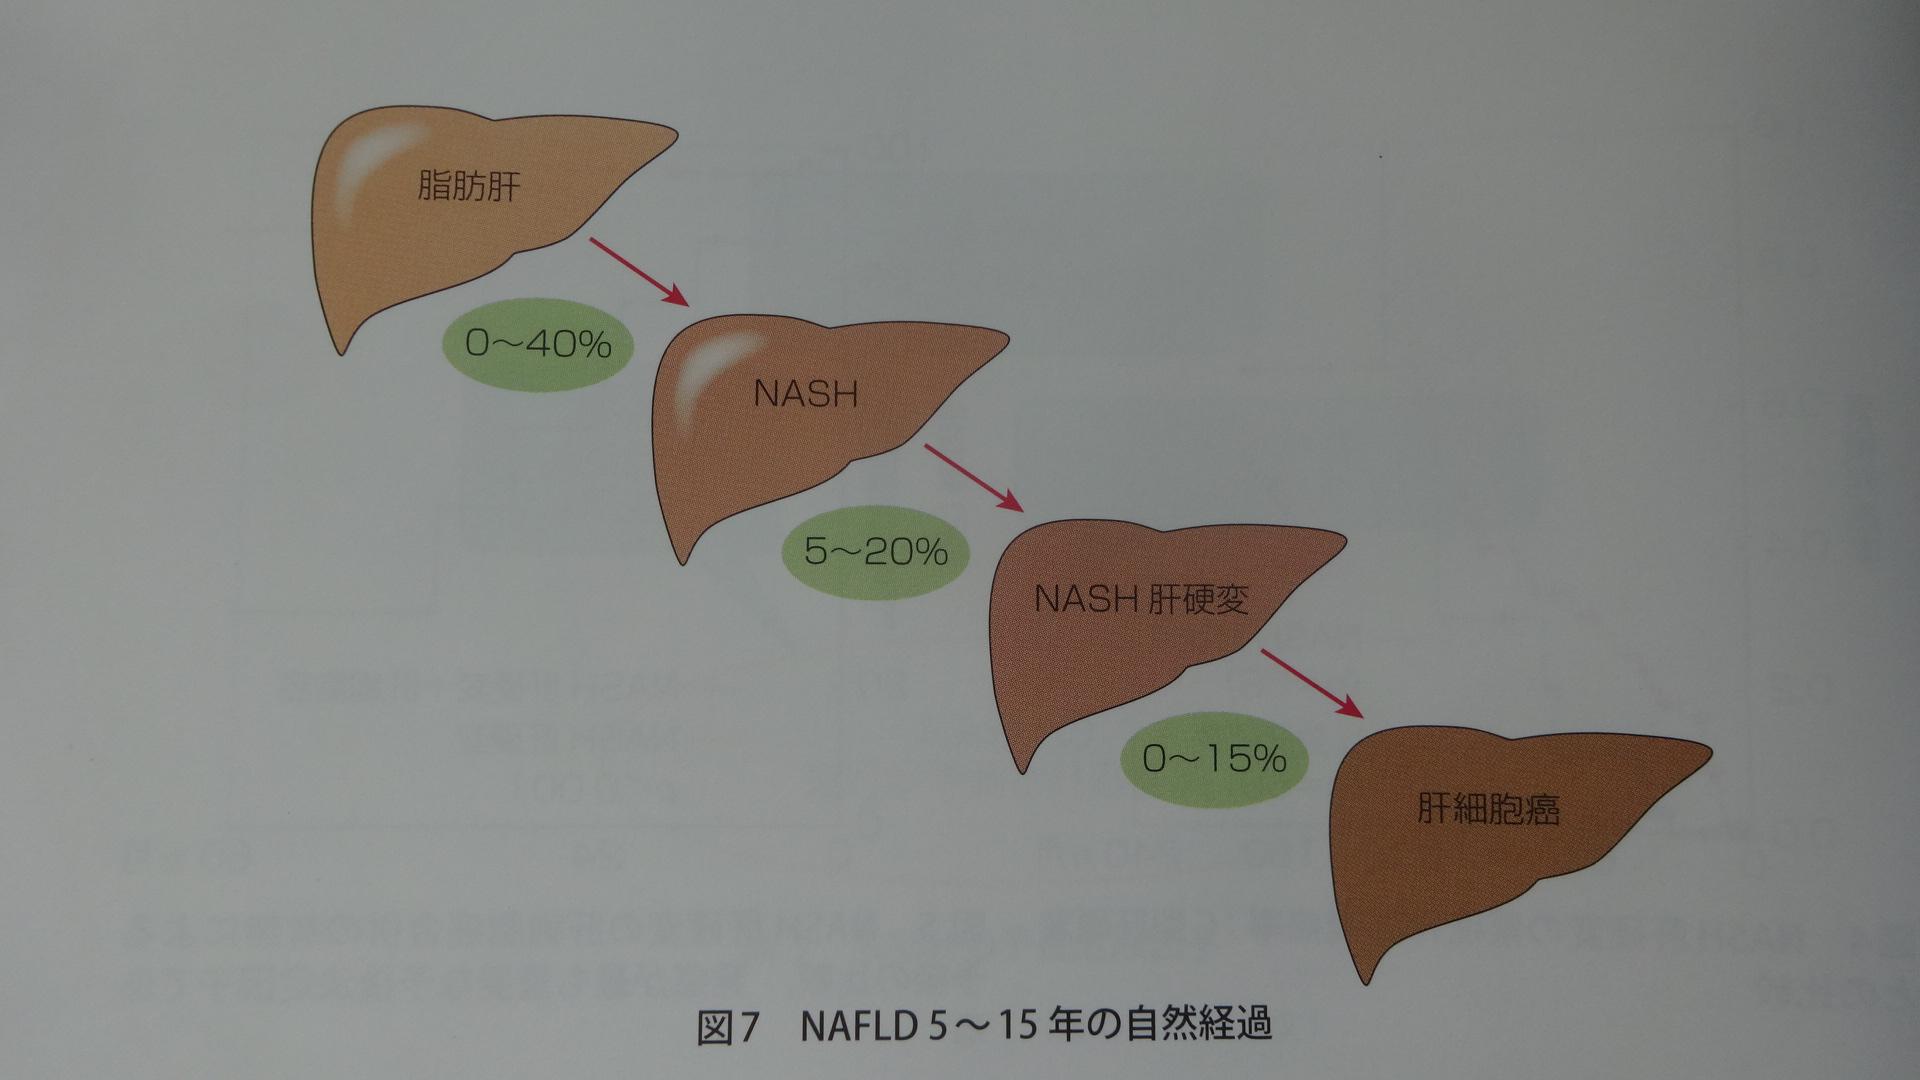 脂肪肝からNASH 肝硬変 肝がんに進展していく割合を示す図